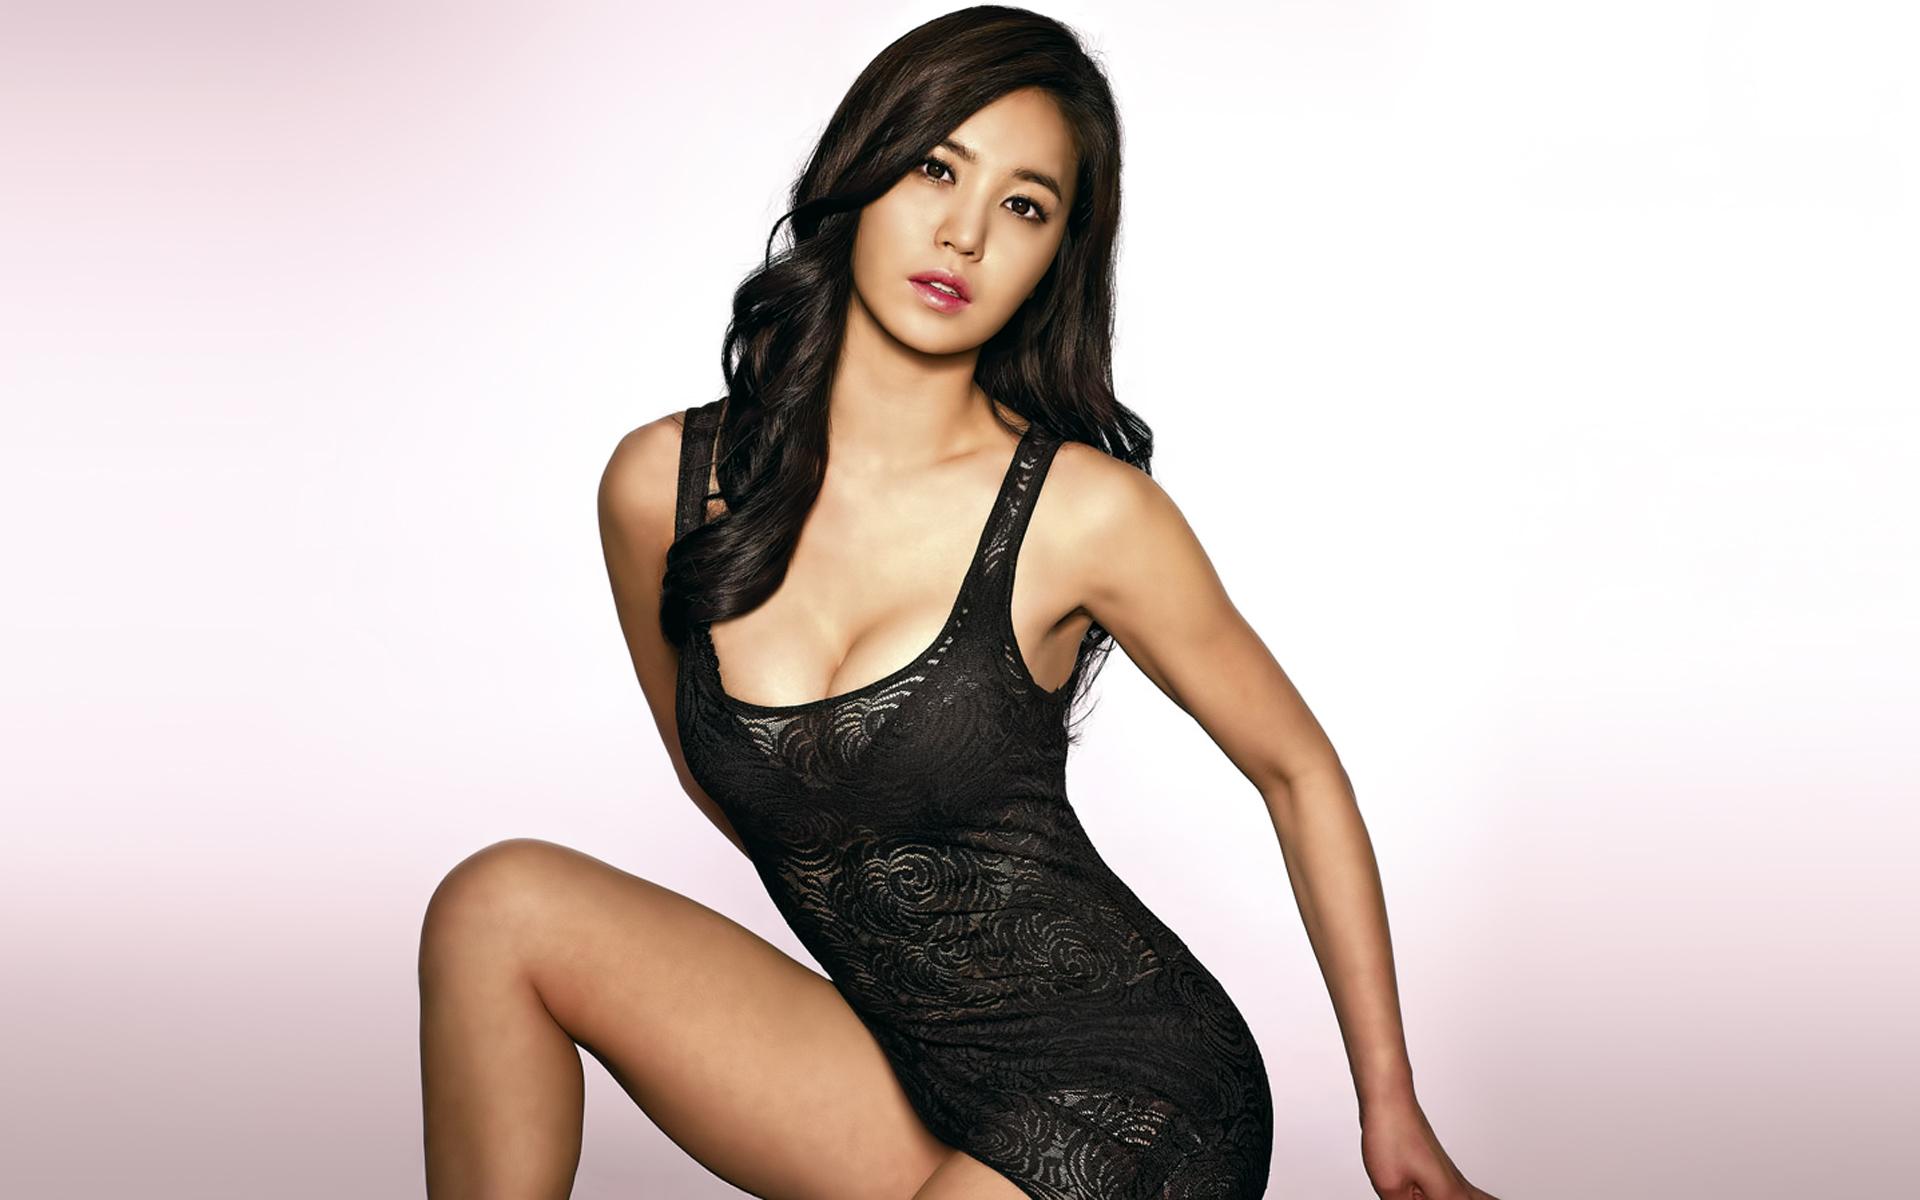 Sexy ass asian girl